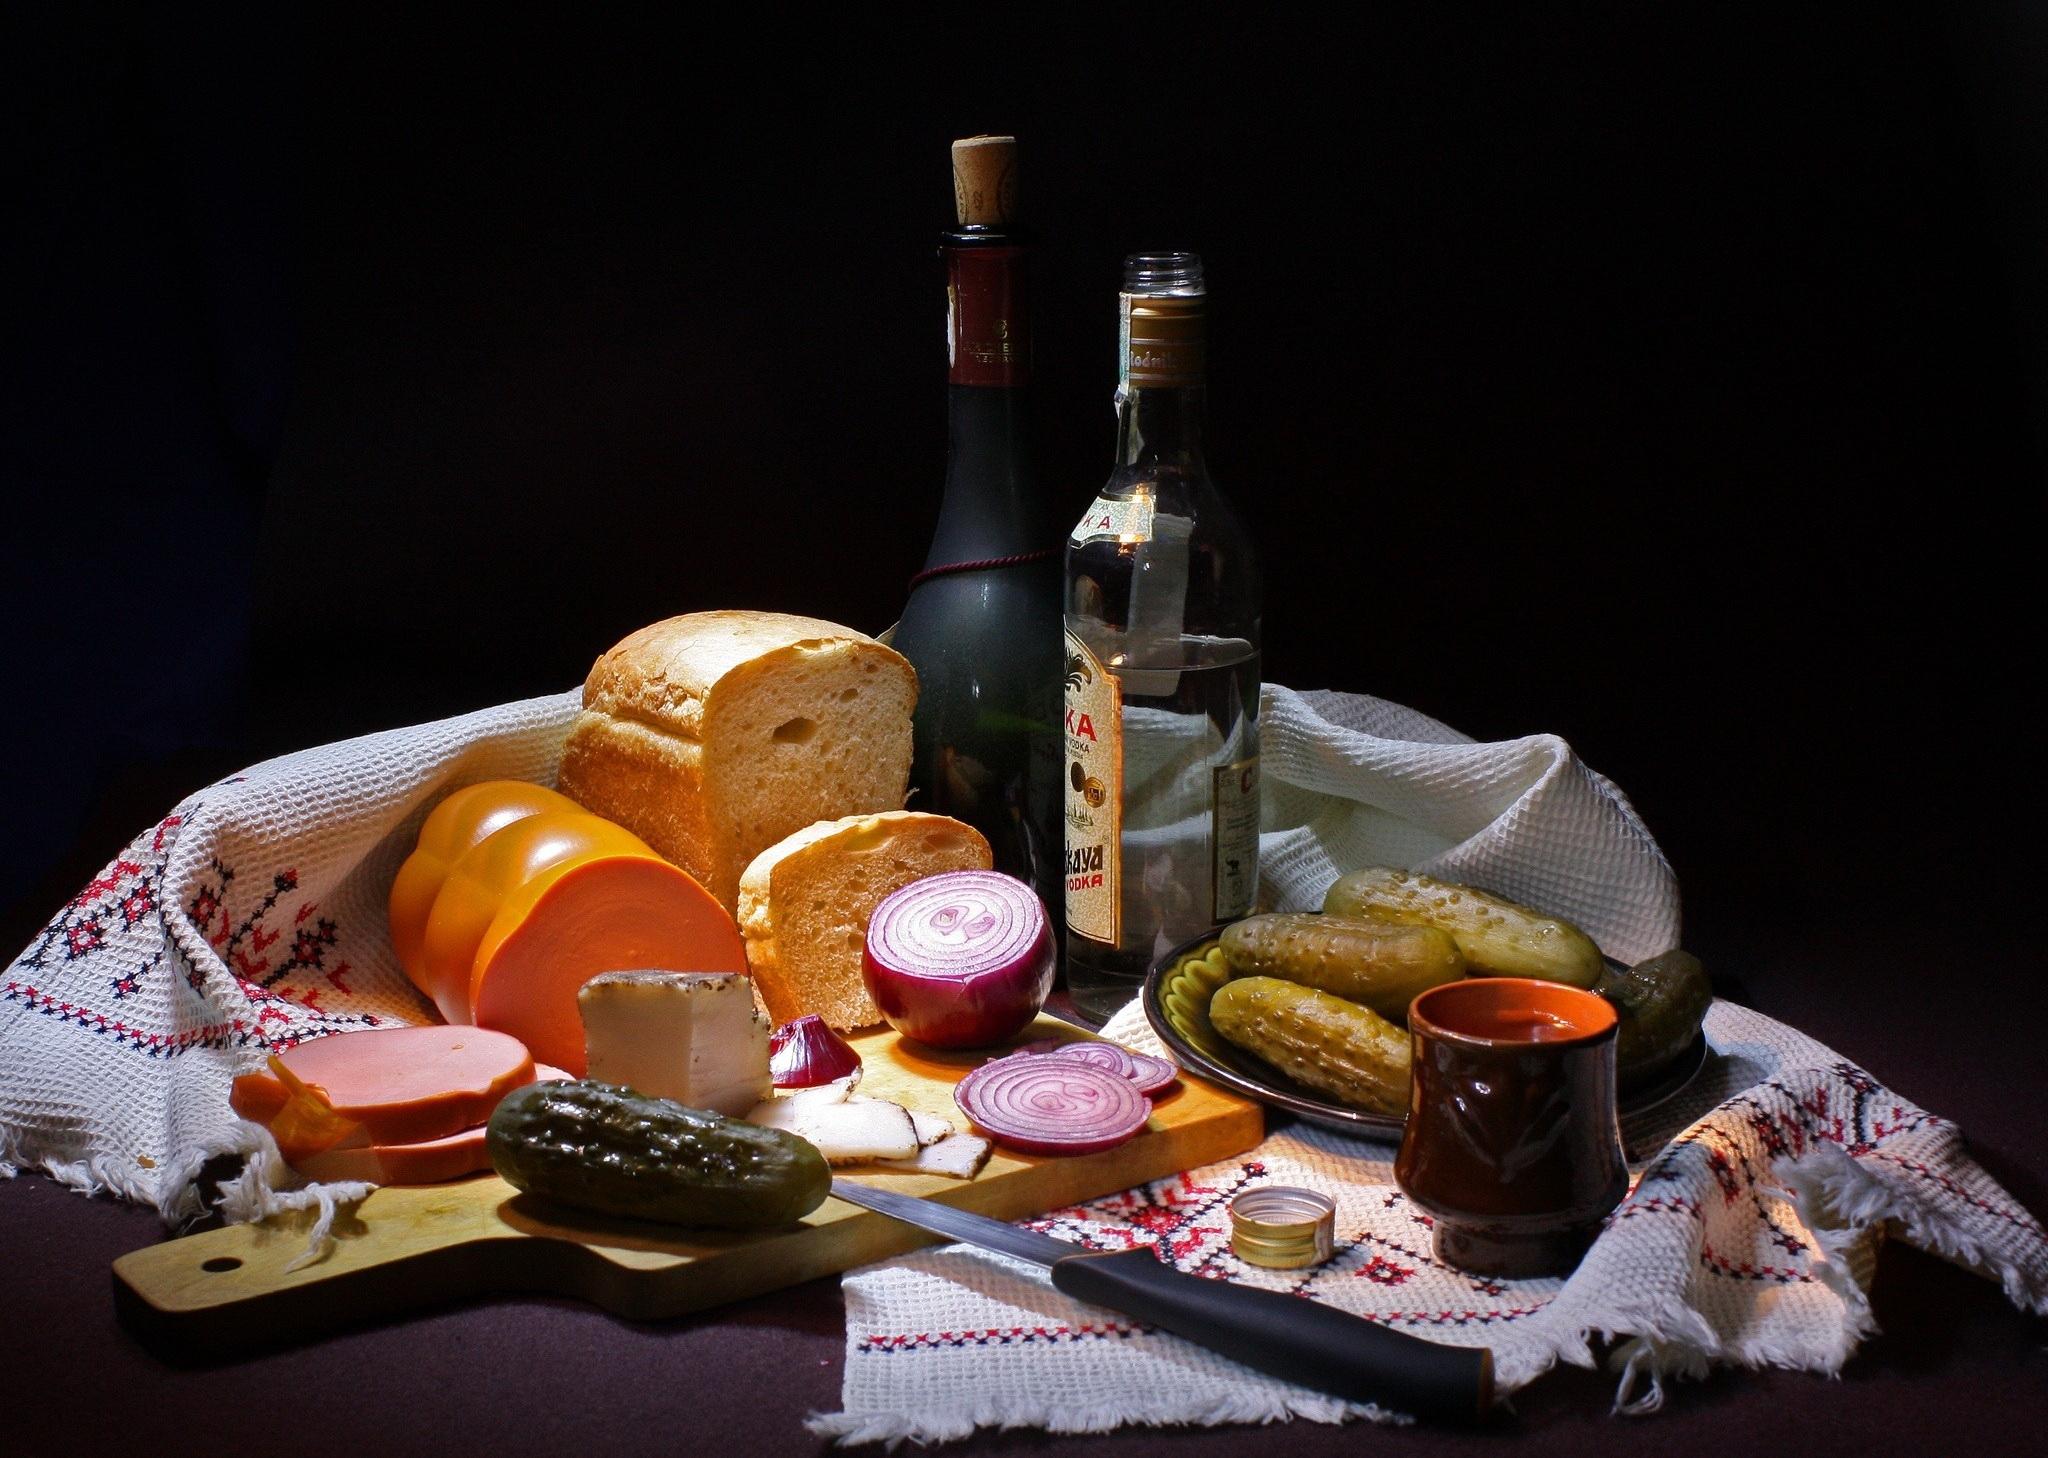 75421 Заставки и Обои Напитки на телефон. Скачать Напитки, Еда, Хлеб, Огурцы, Колбаса картинки бесплатно